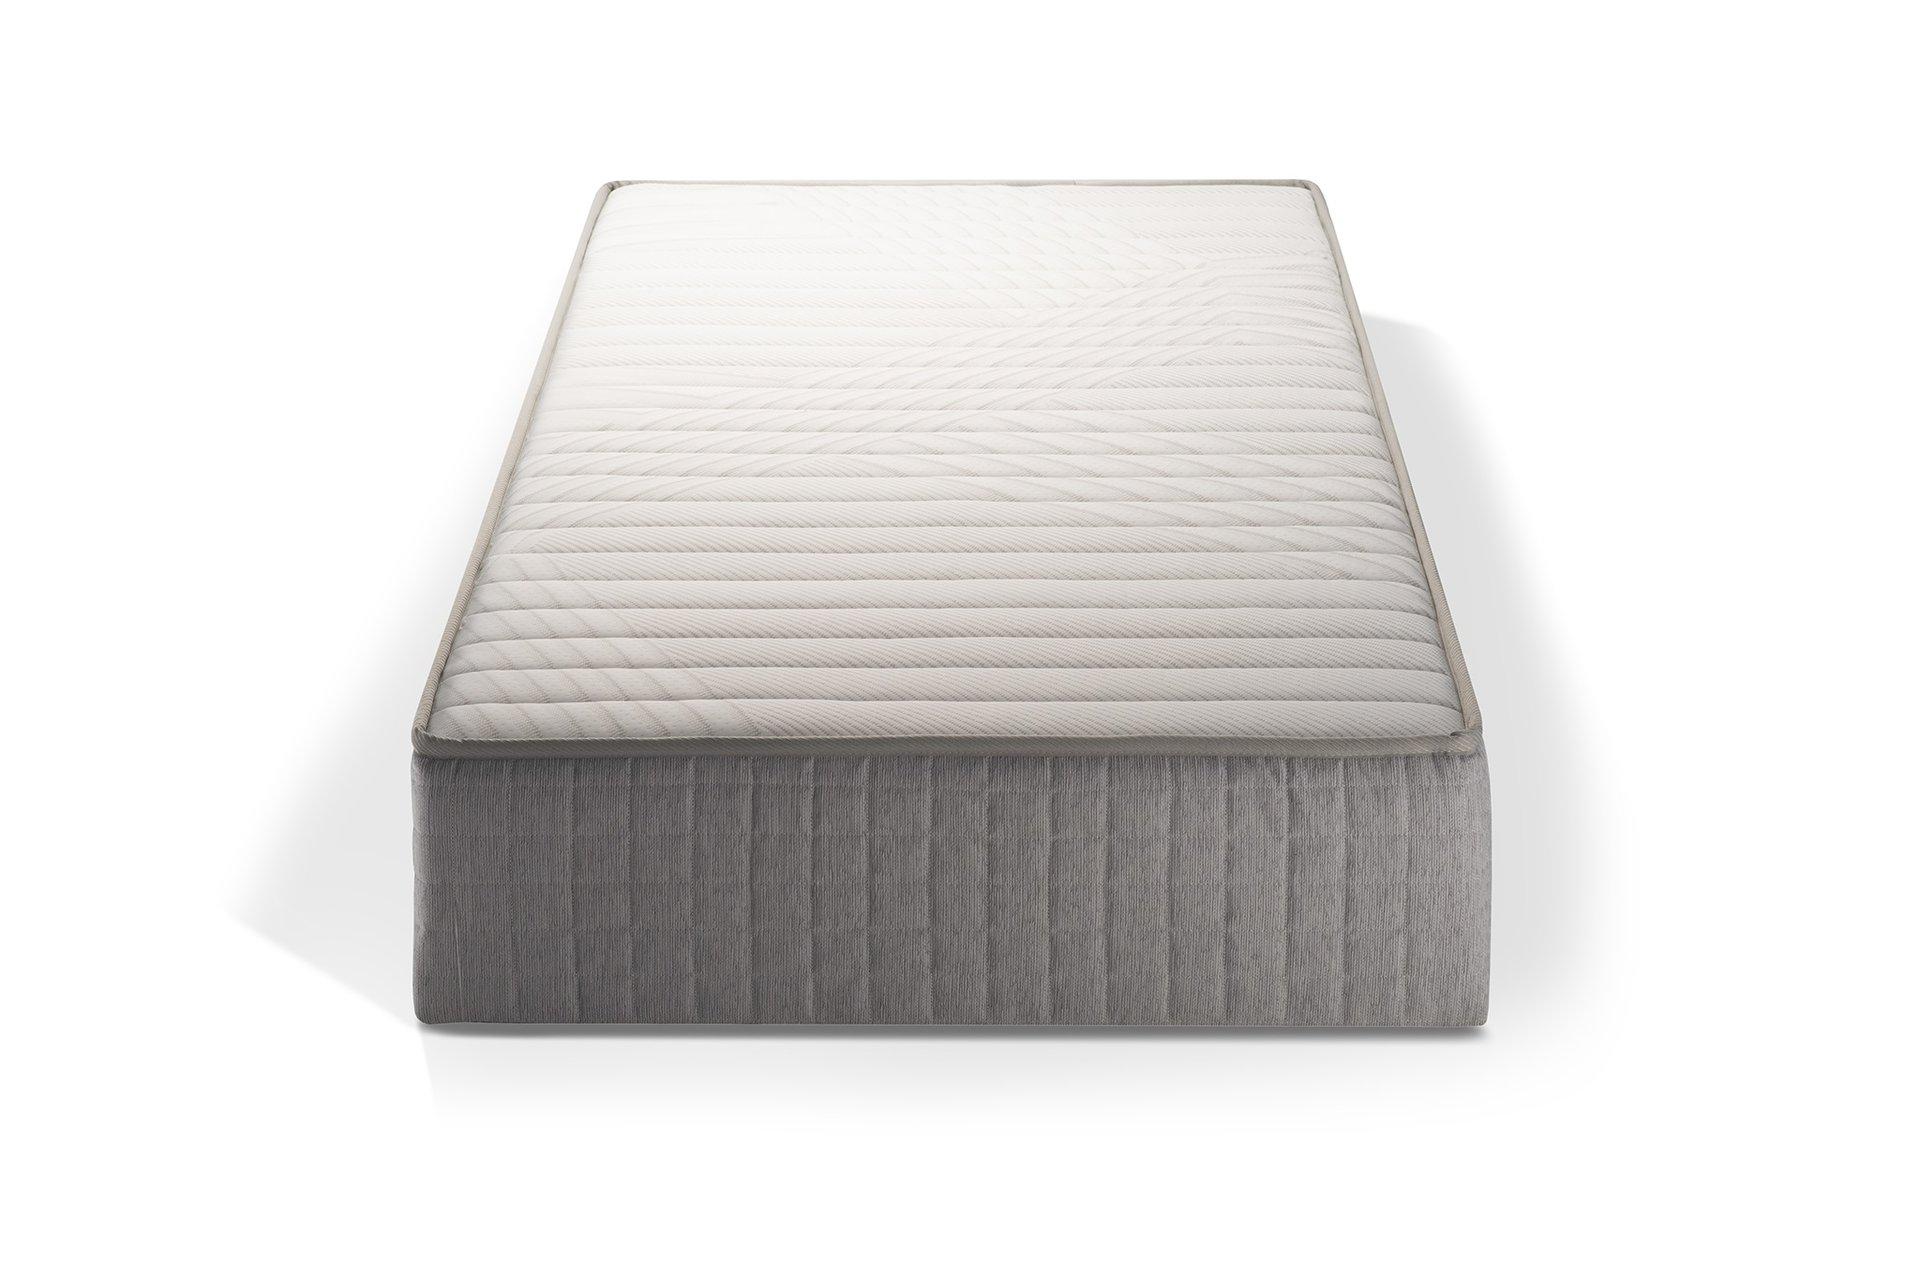 Матрак Memo Body Line 23 см, еднолицев матрак , 4 см мемори пяна